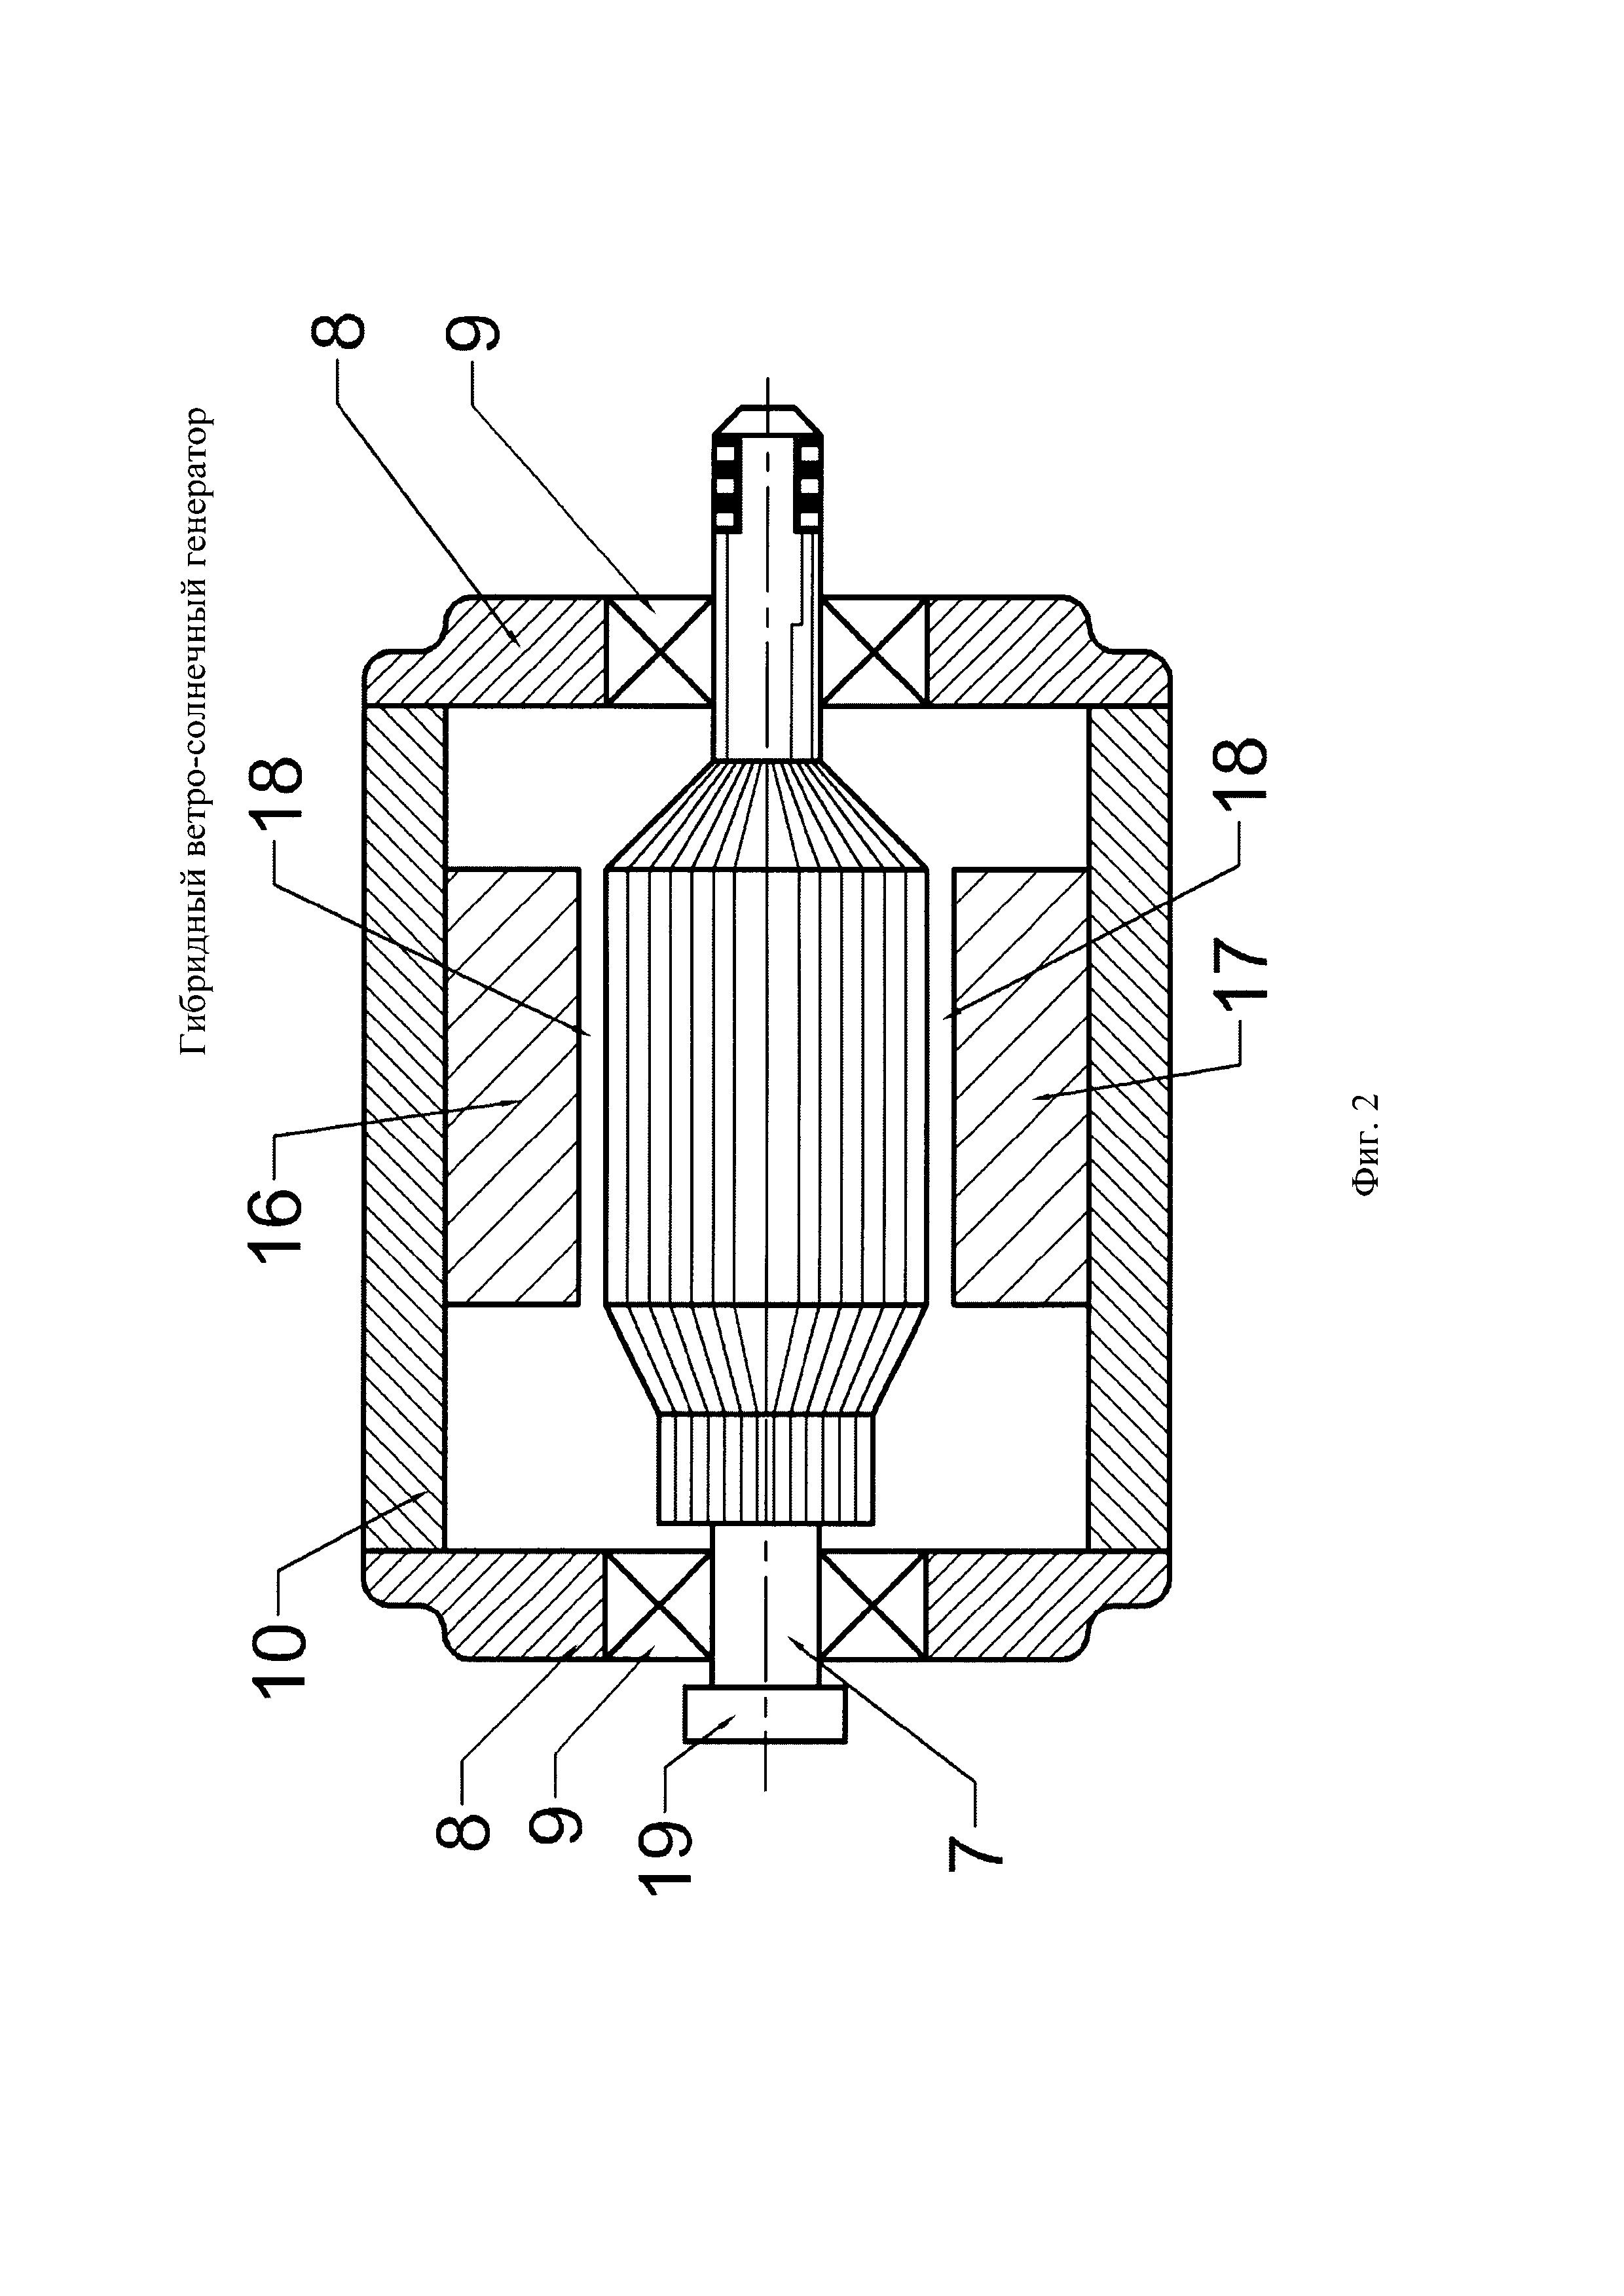 Гибридный ветро-солнечный генератор